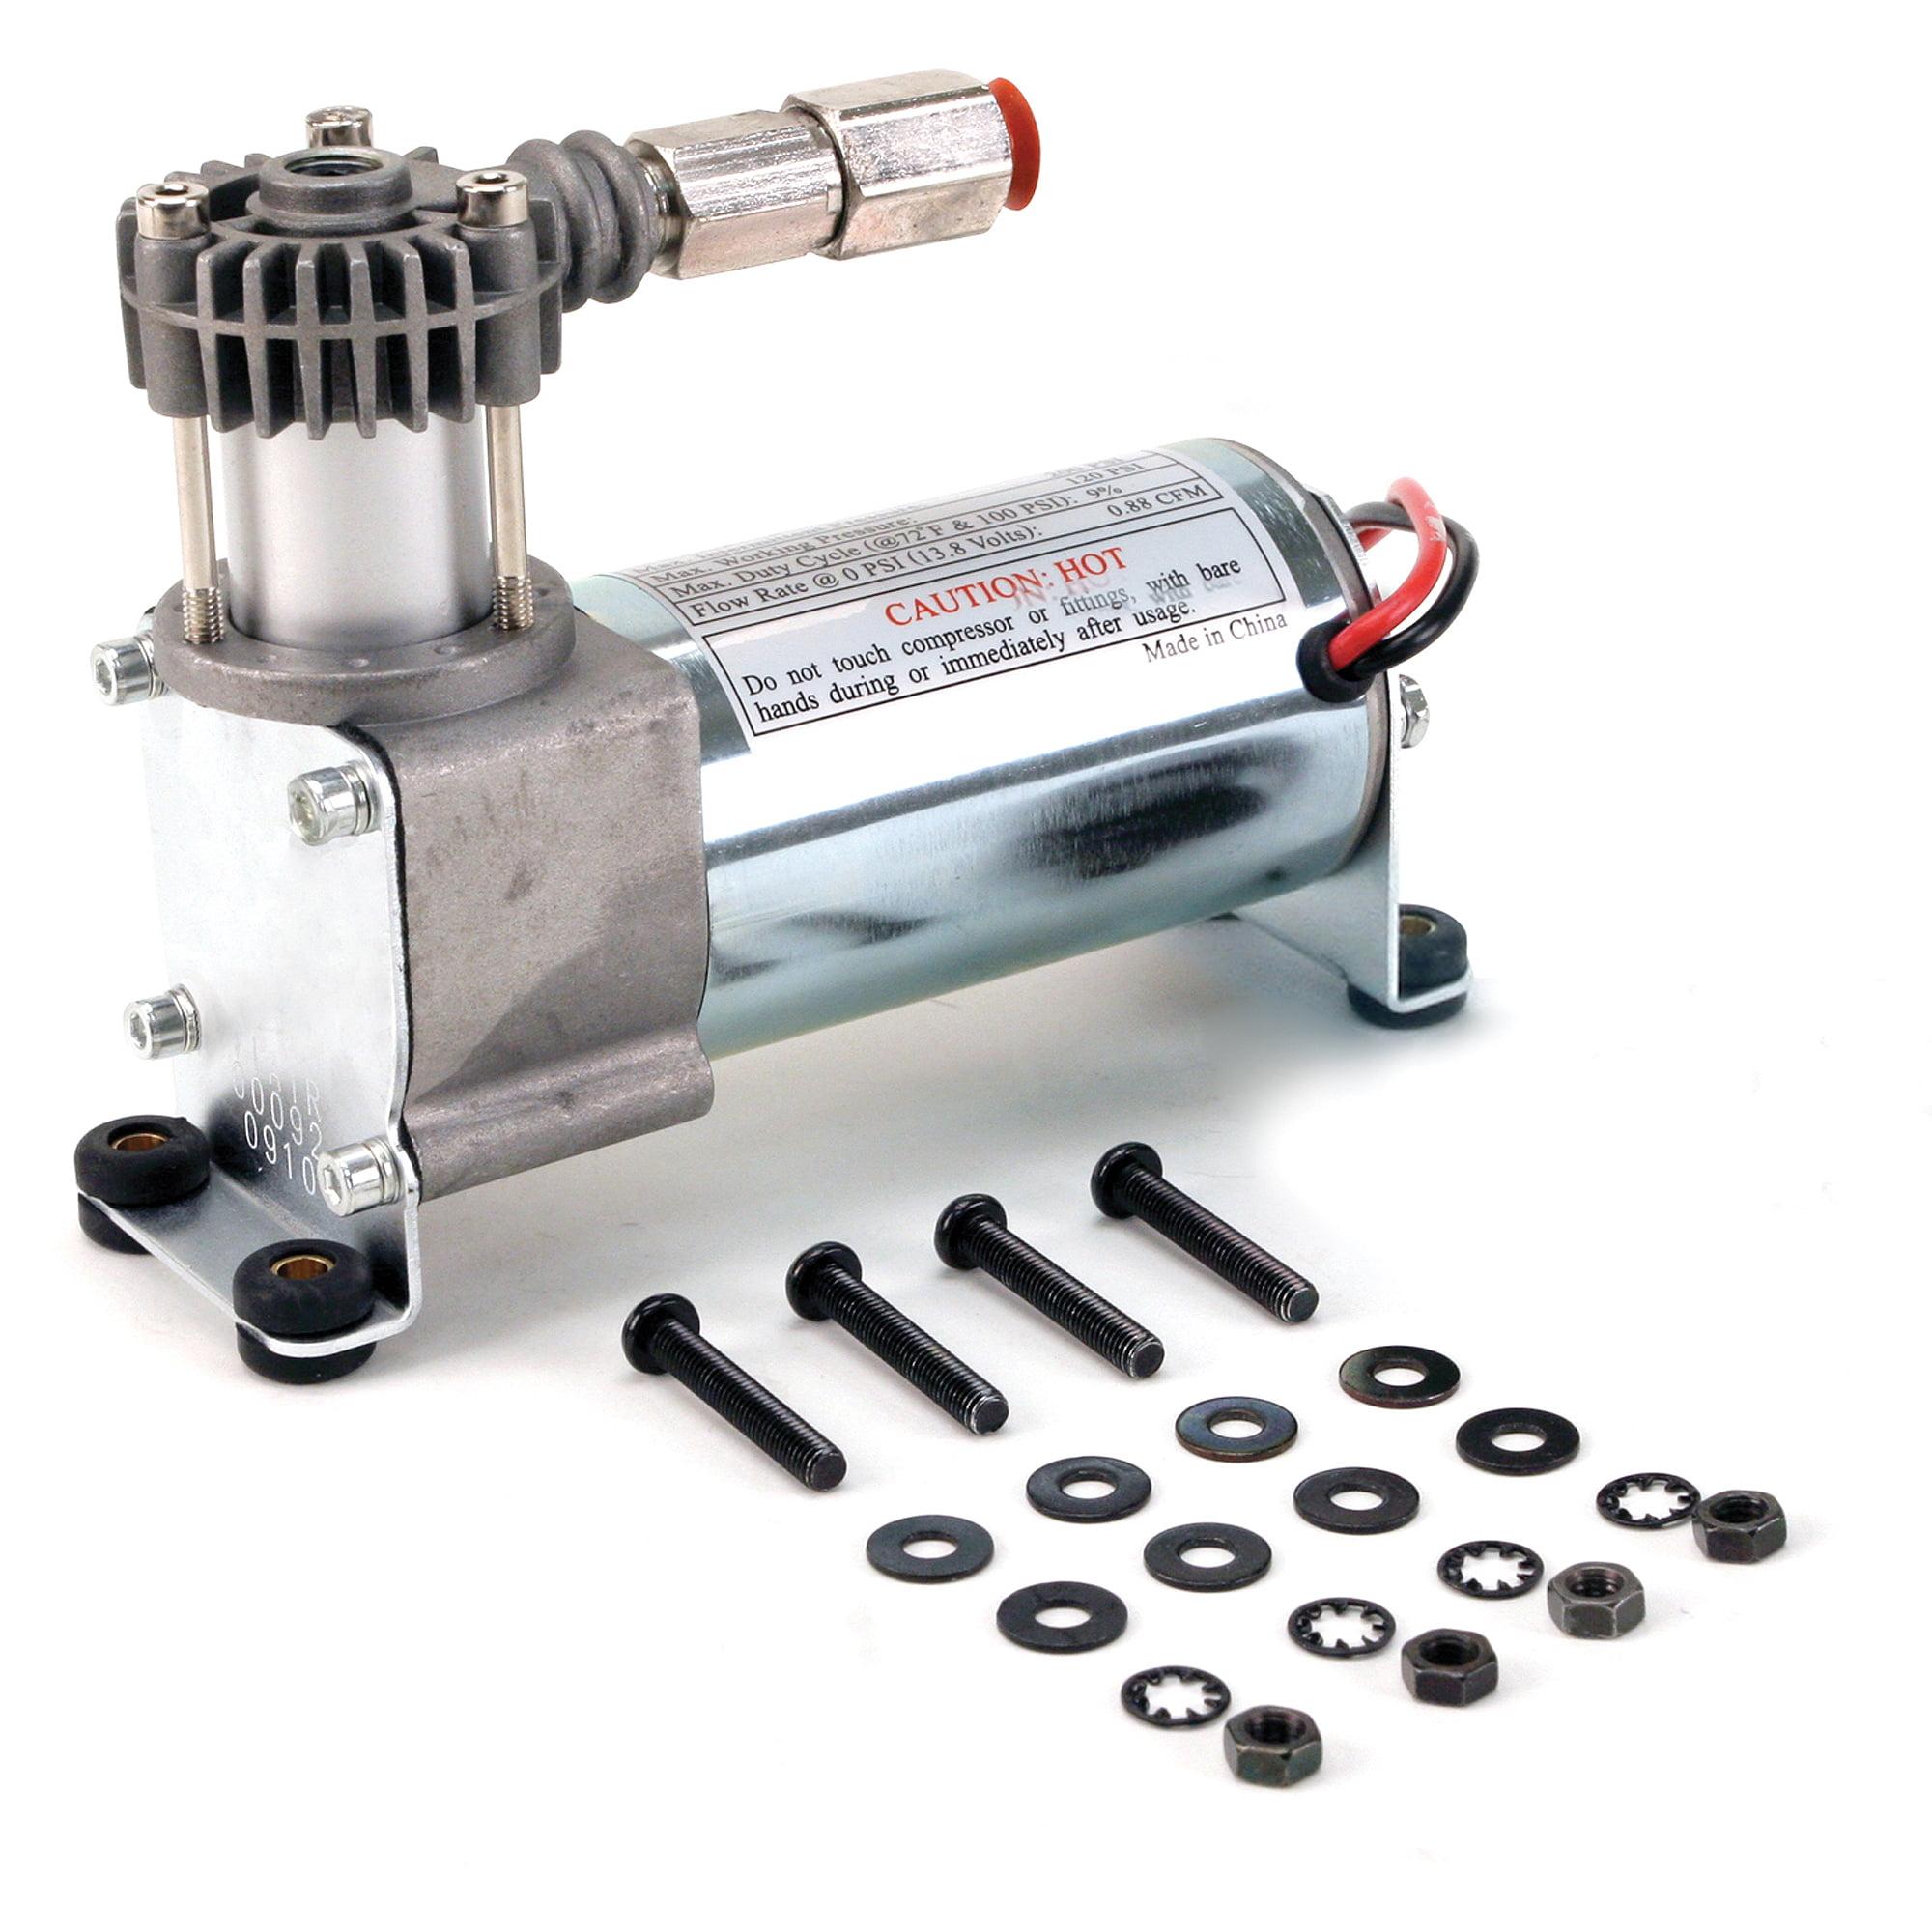 Viair 90 Compressor Kit